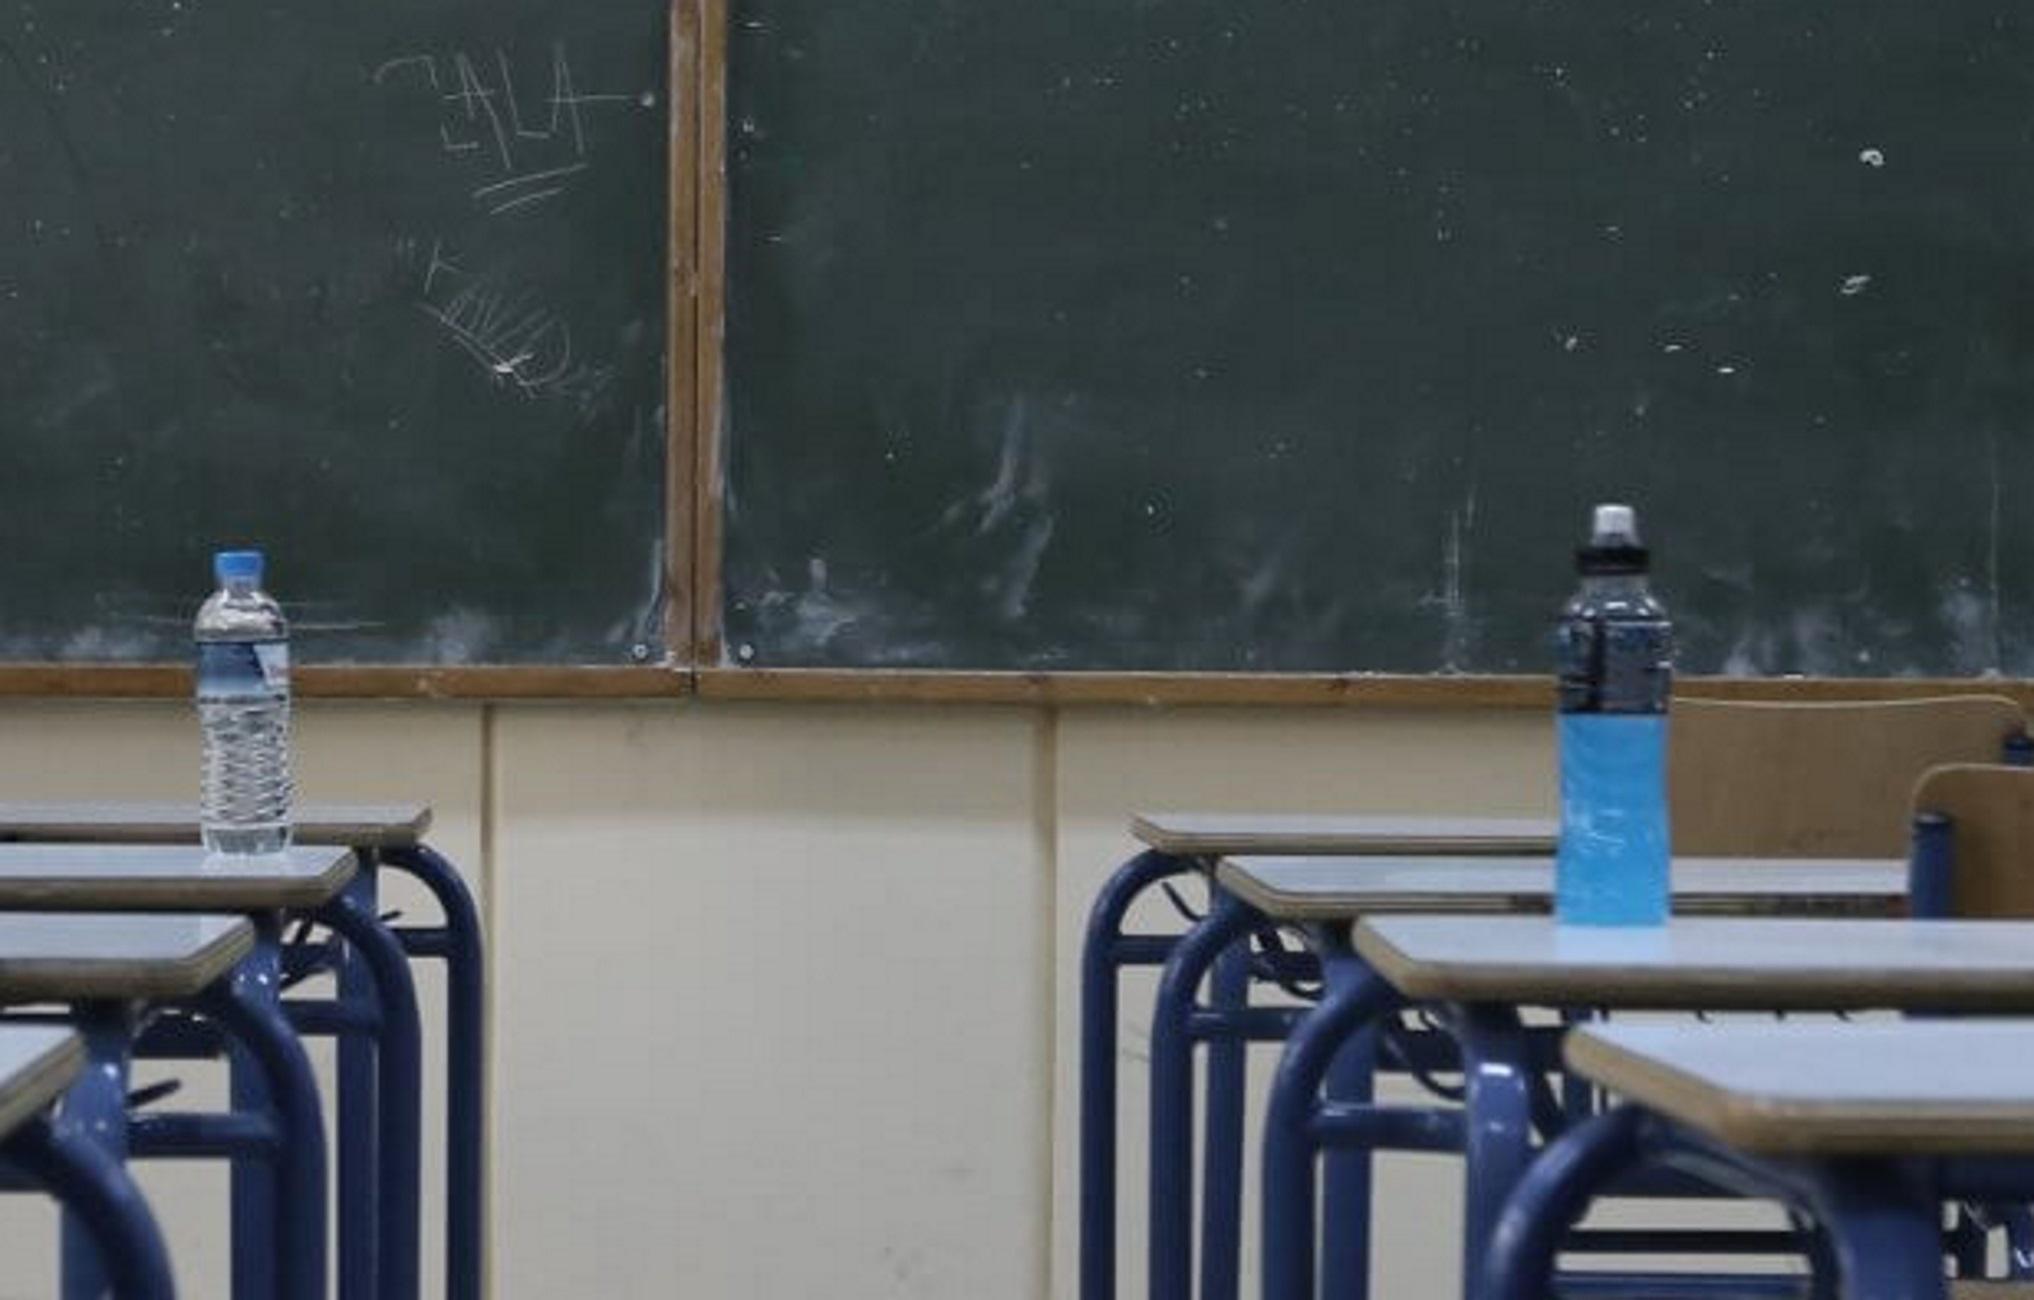 Αρχίζουν οι αιτήσεις για διορισμούς δασκάλων και καθηγητών - Όλες οι λεπτομέρειες